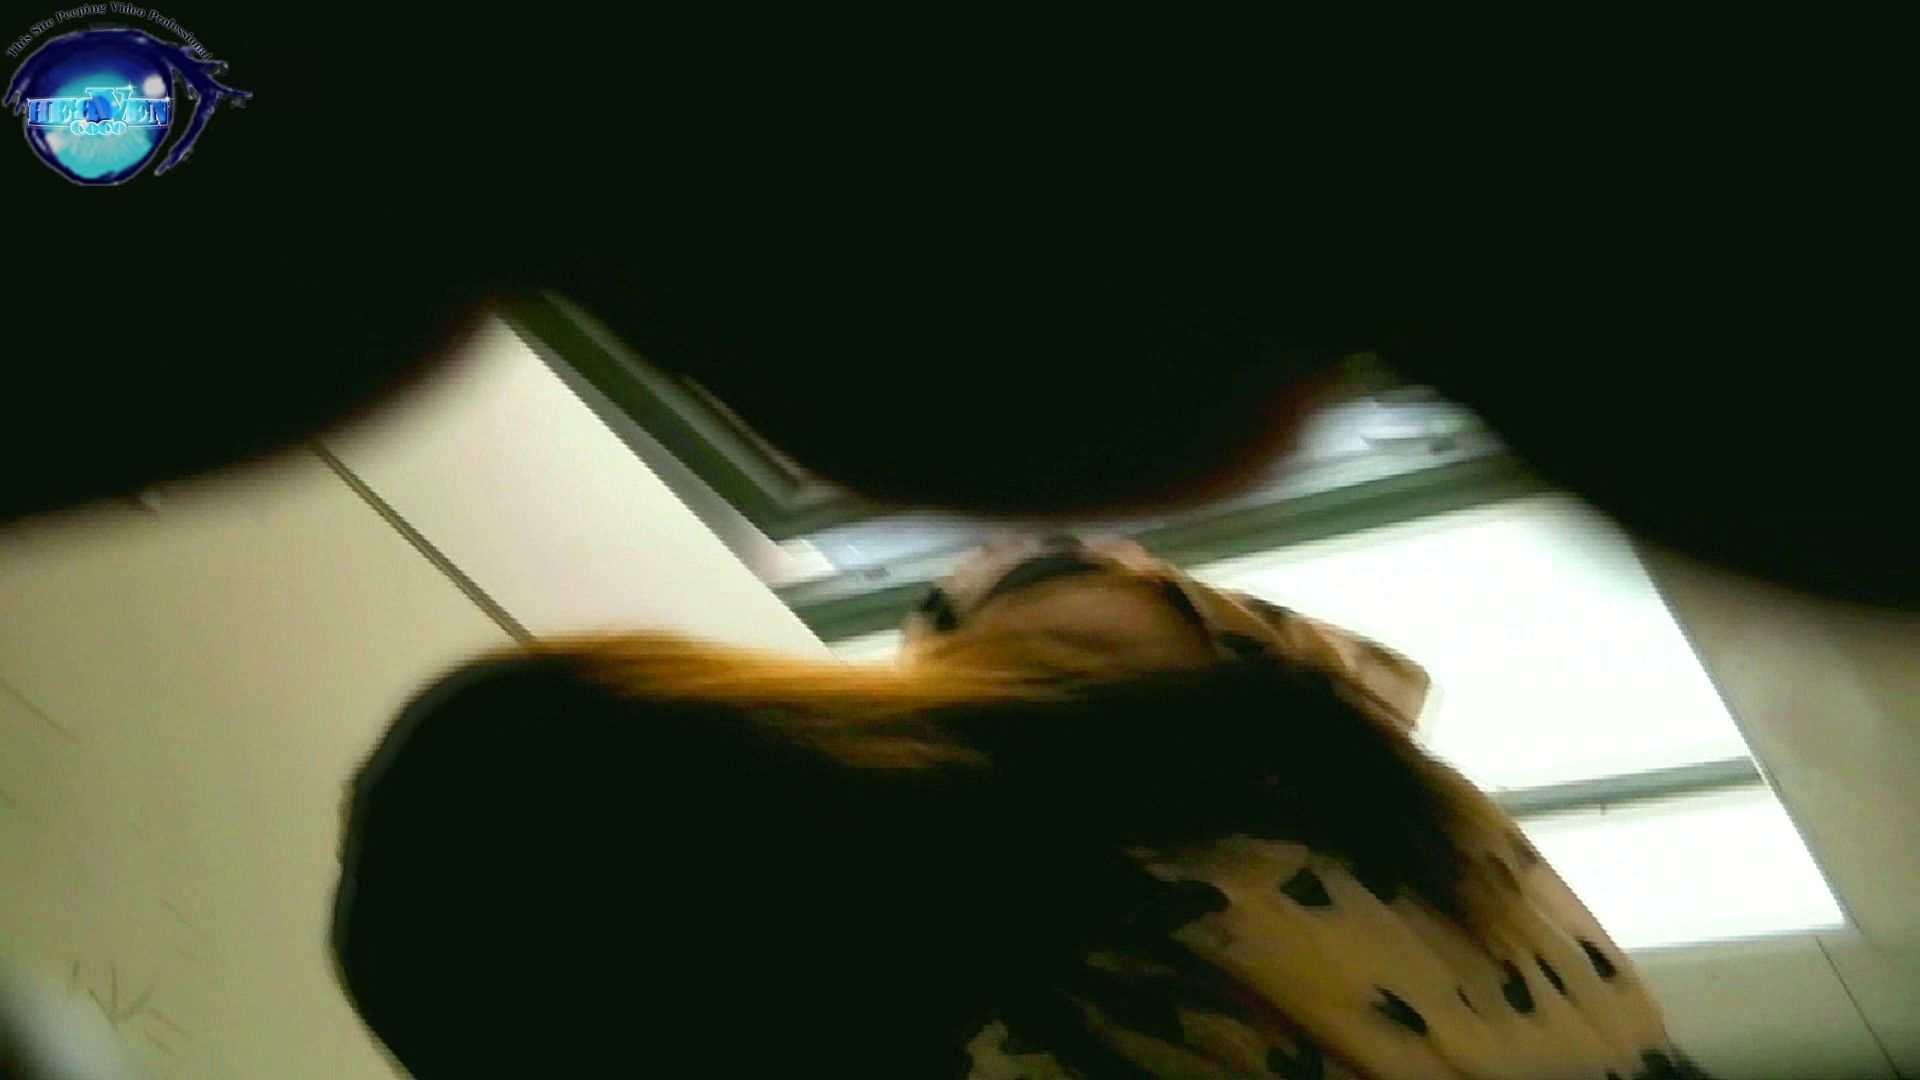 世界の射窓から vol.29 後編 洗面所 | OLのエロ生活  90連発 71